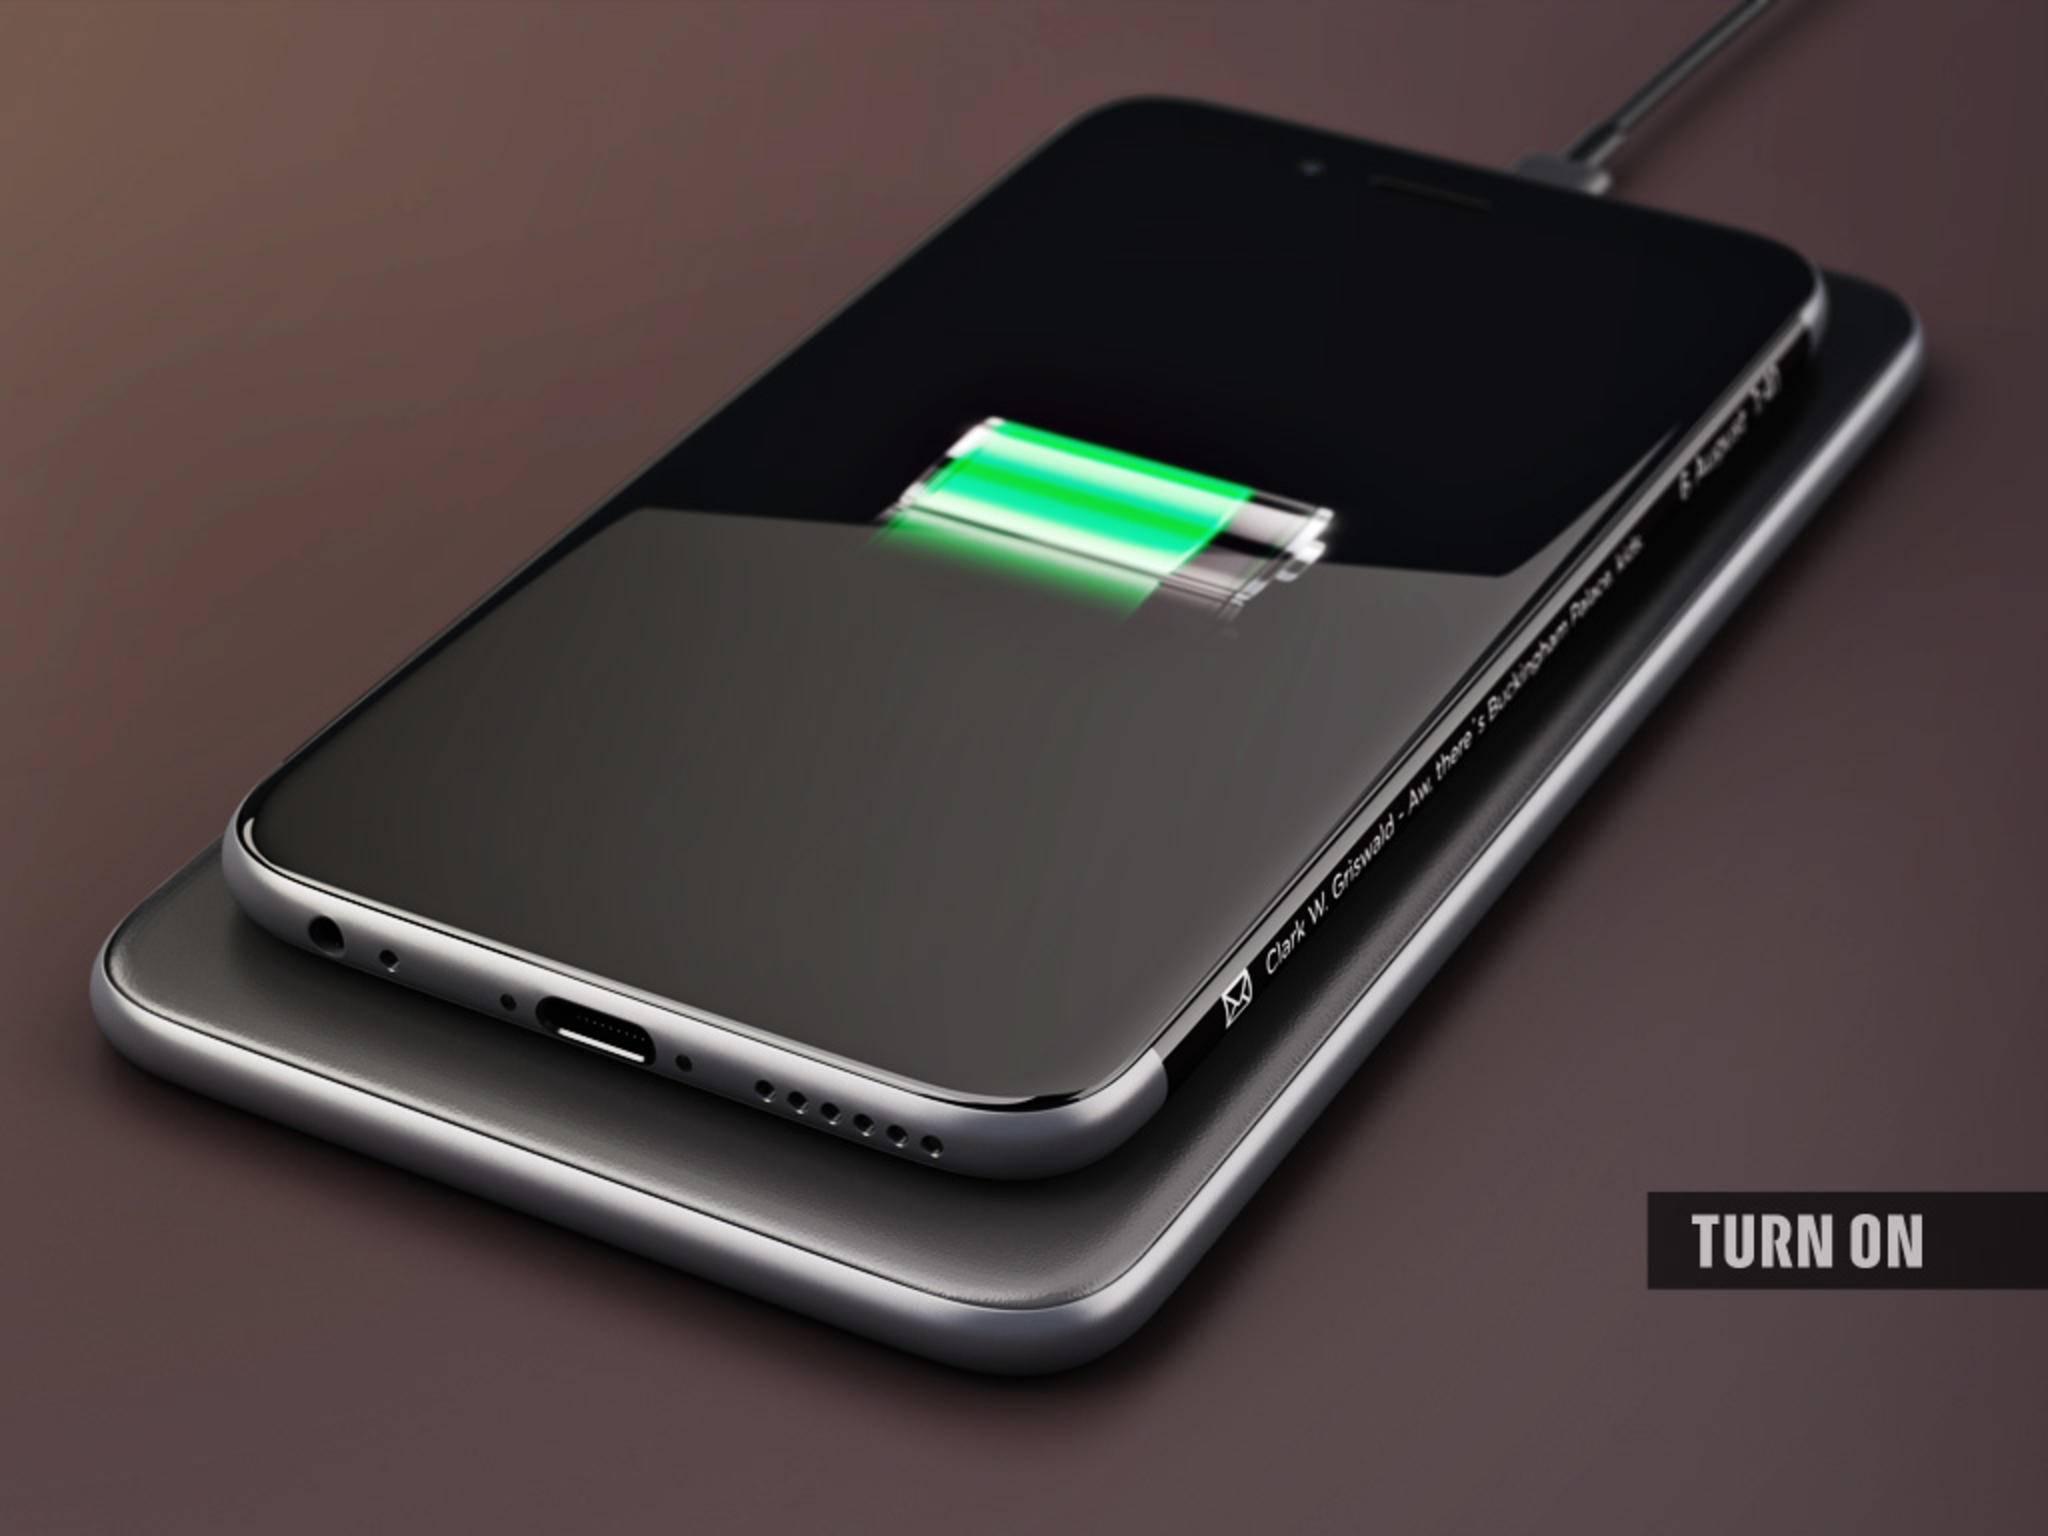 Das Metallgehäuse könnte Wireless Charging unterstützen.